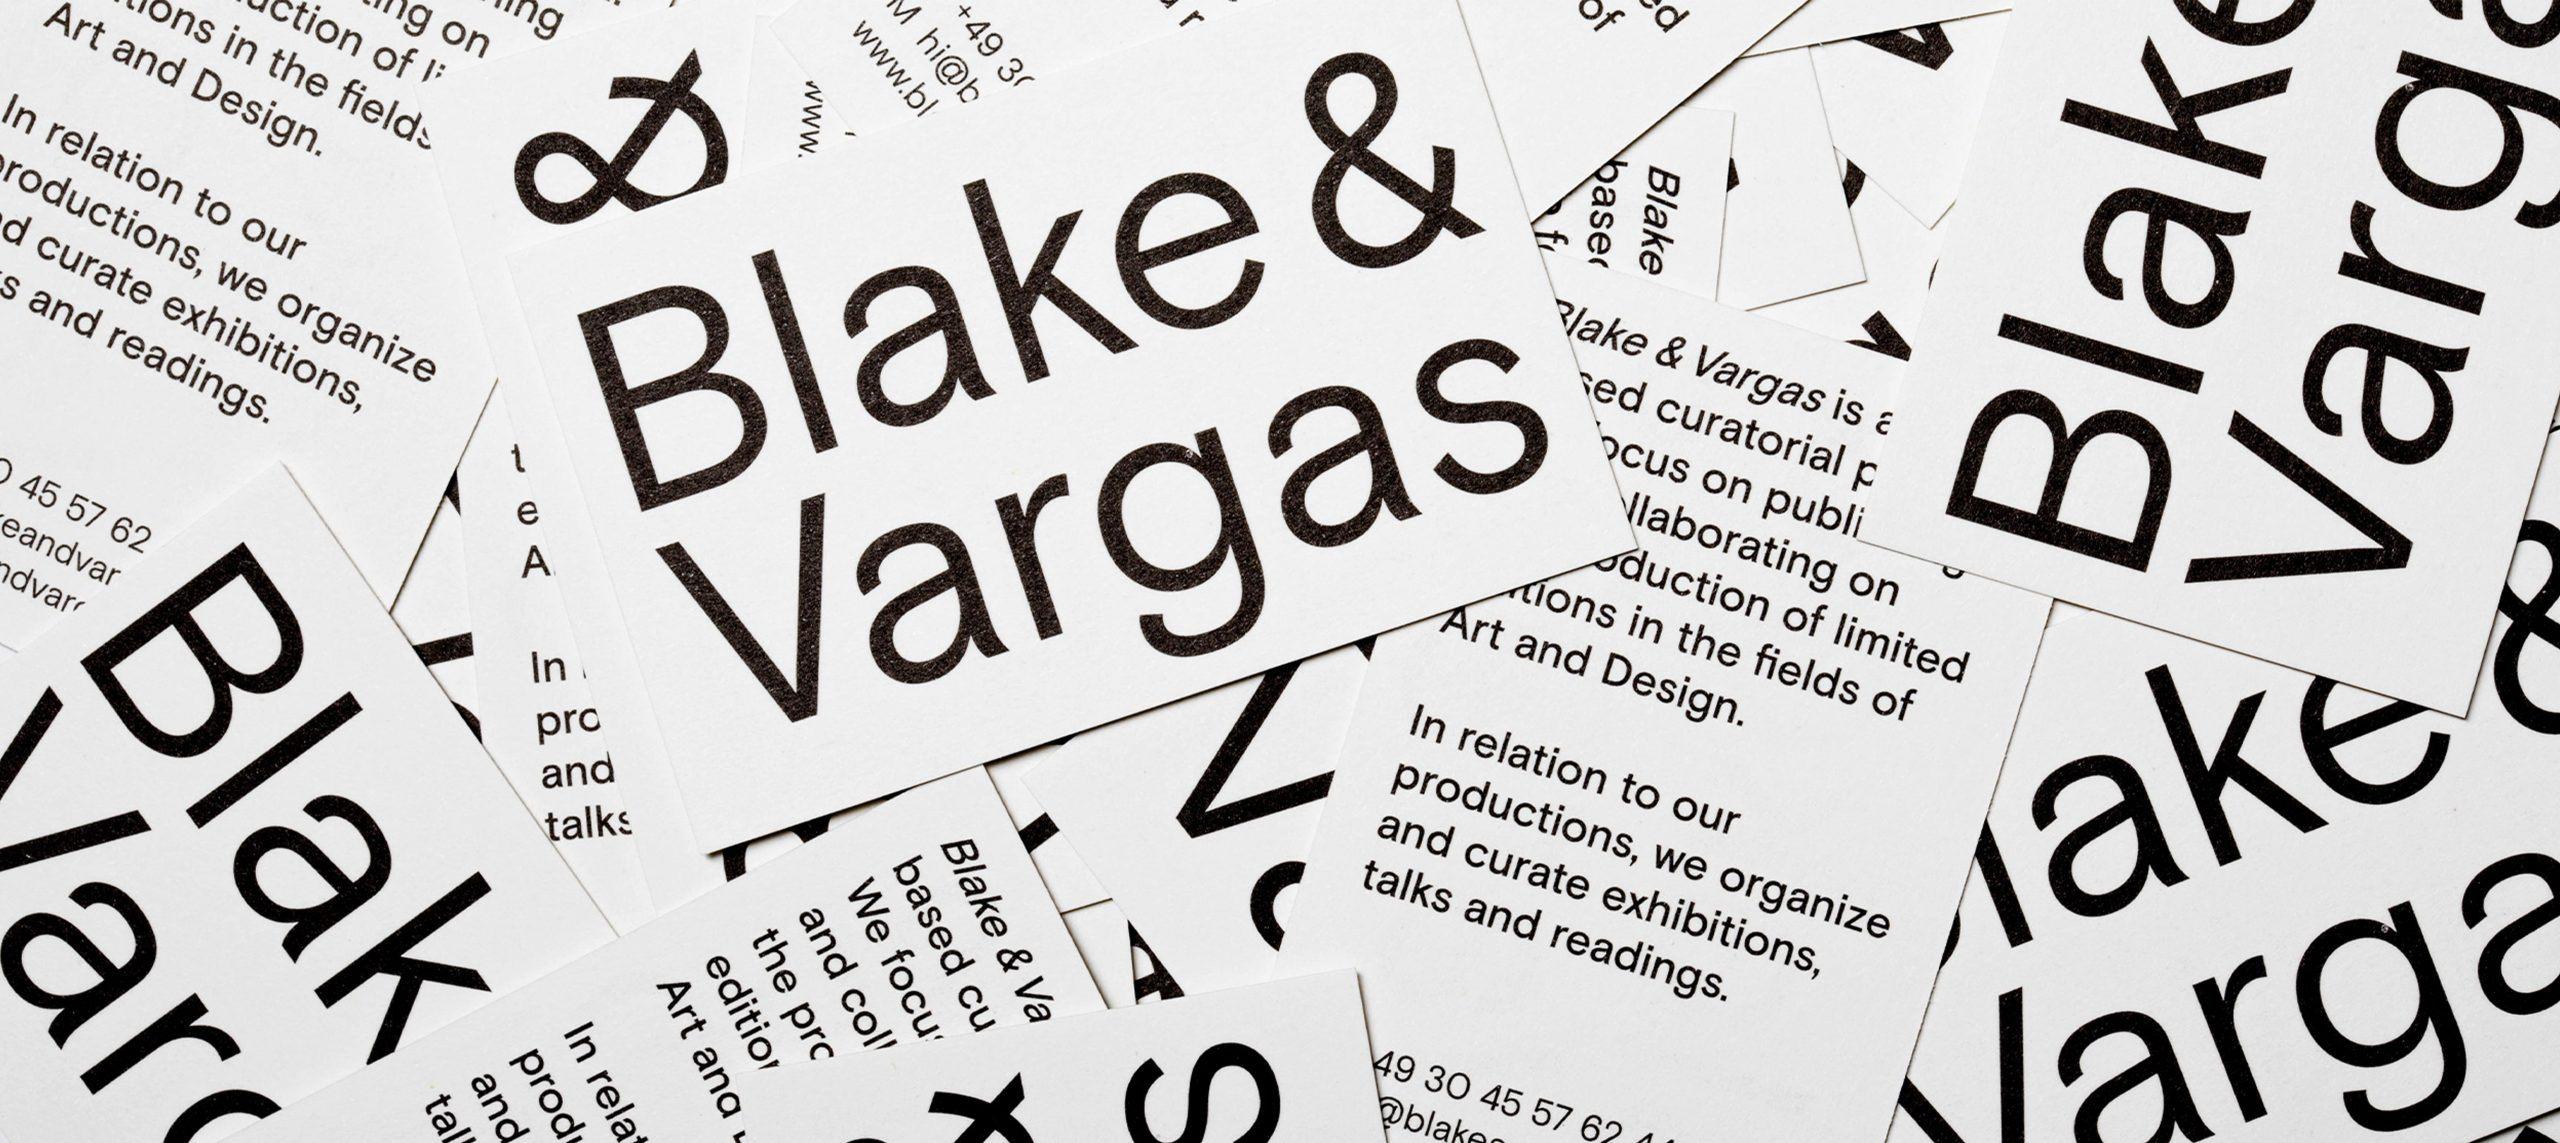 Studio Last - Blake & Vargas – Gallery